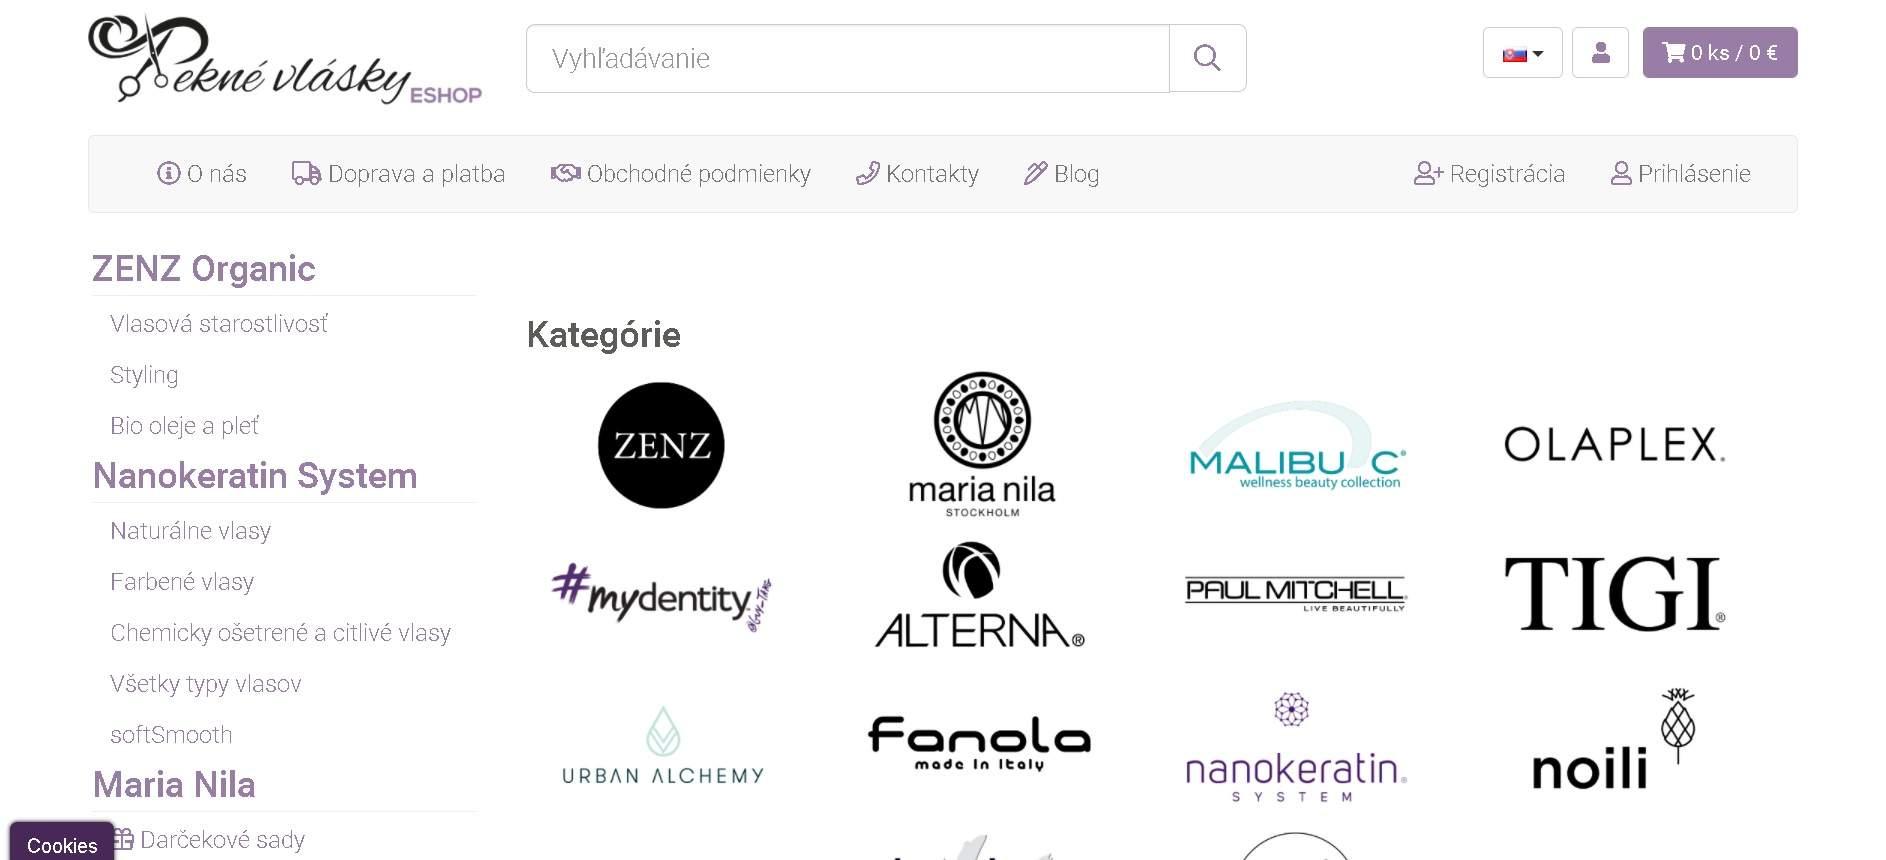 E-shop Pekné vlásky - homepage